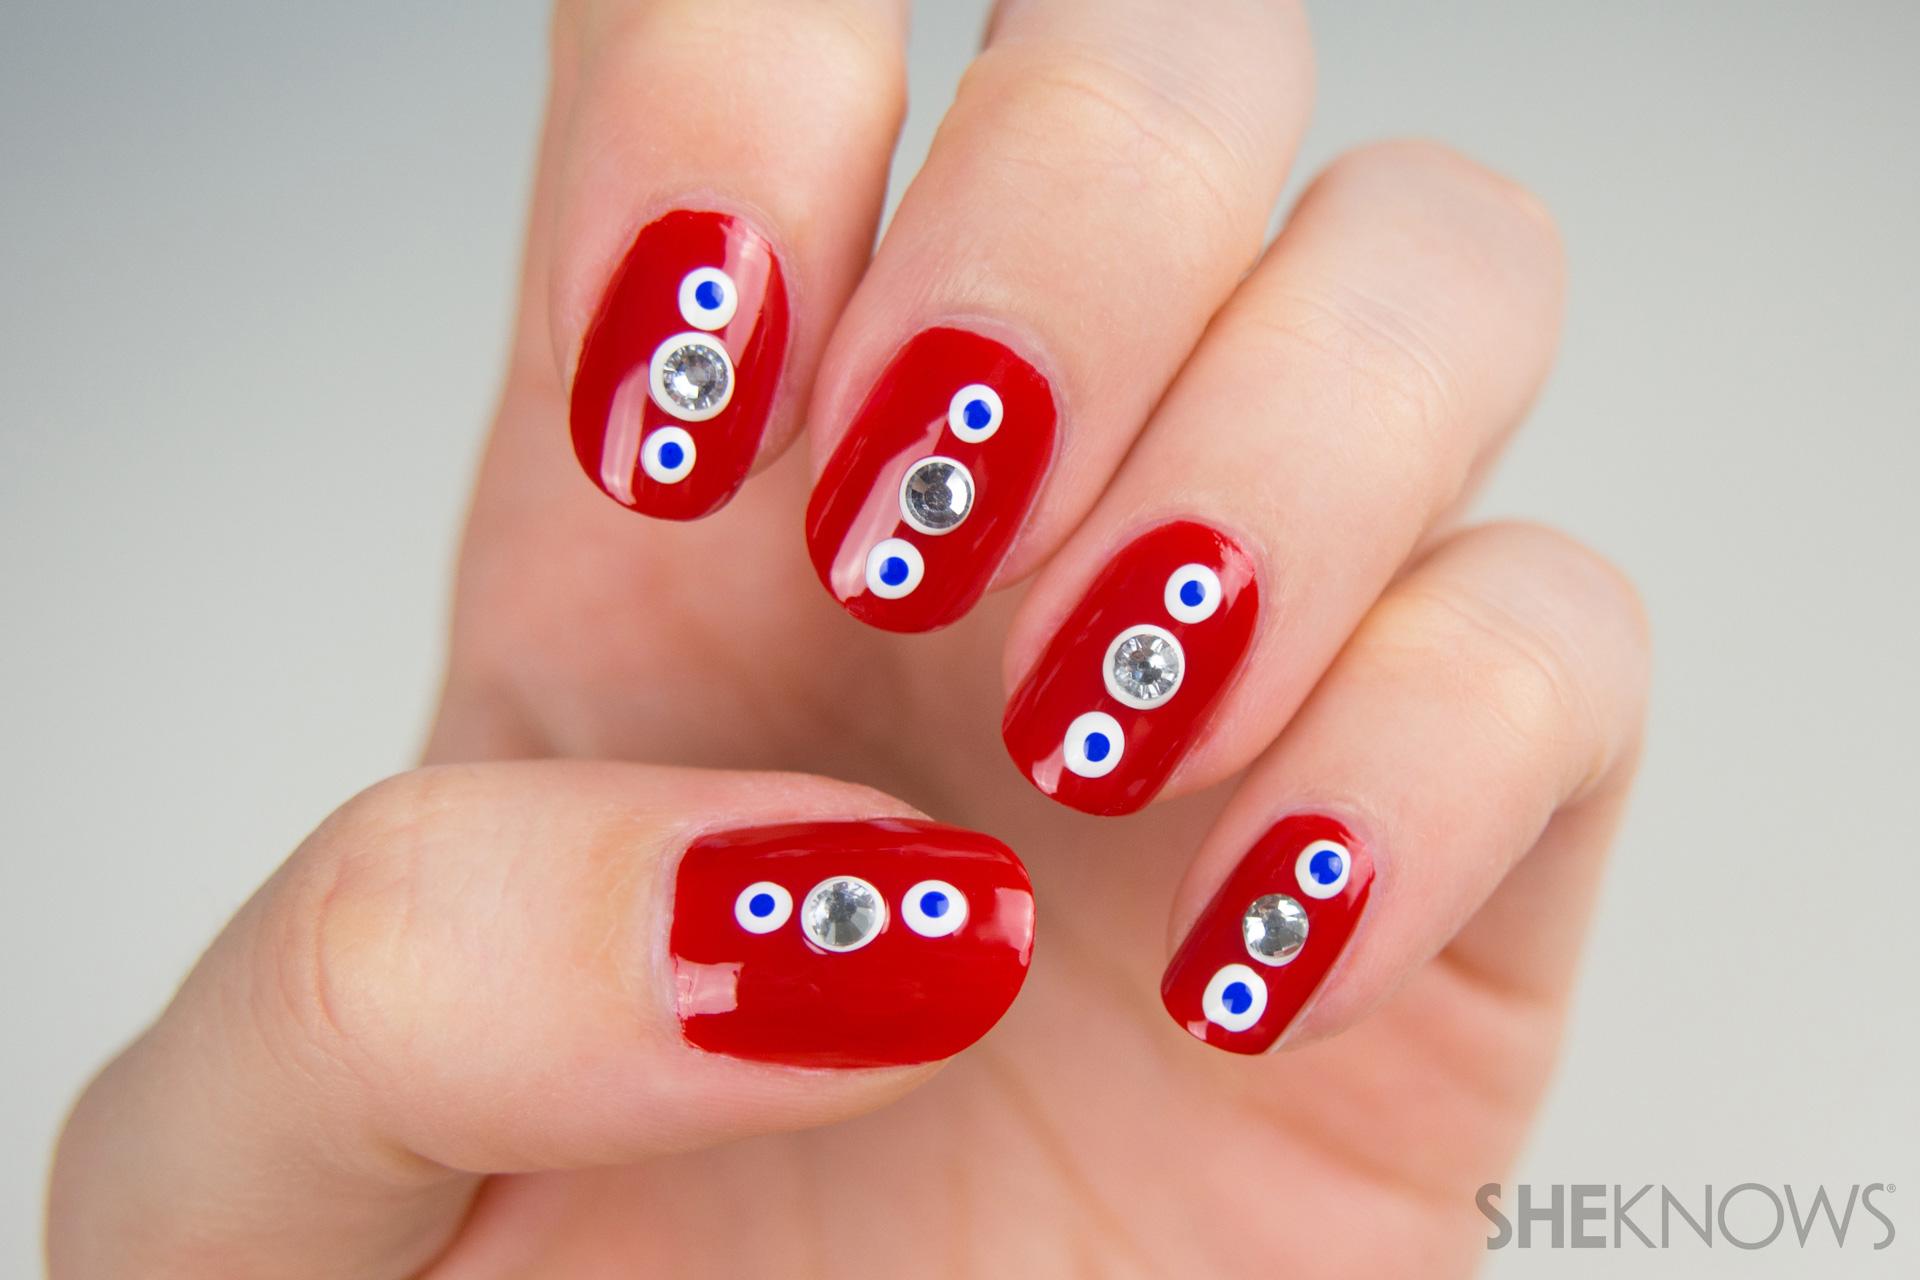 Fun designs with patriotic undertones